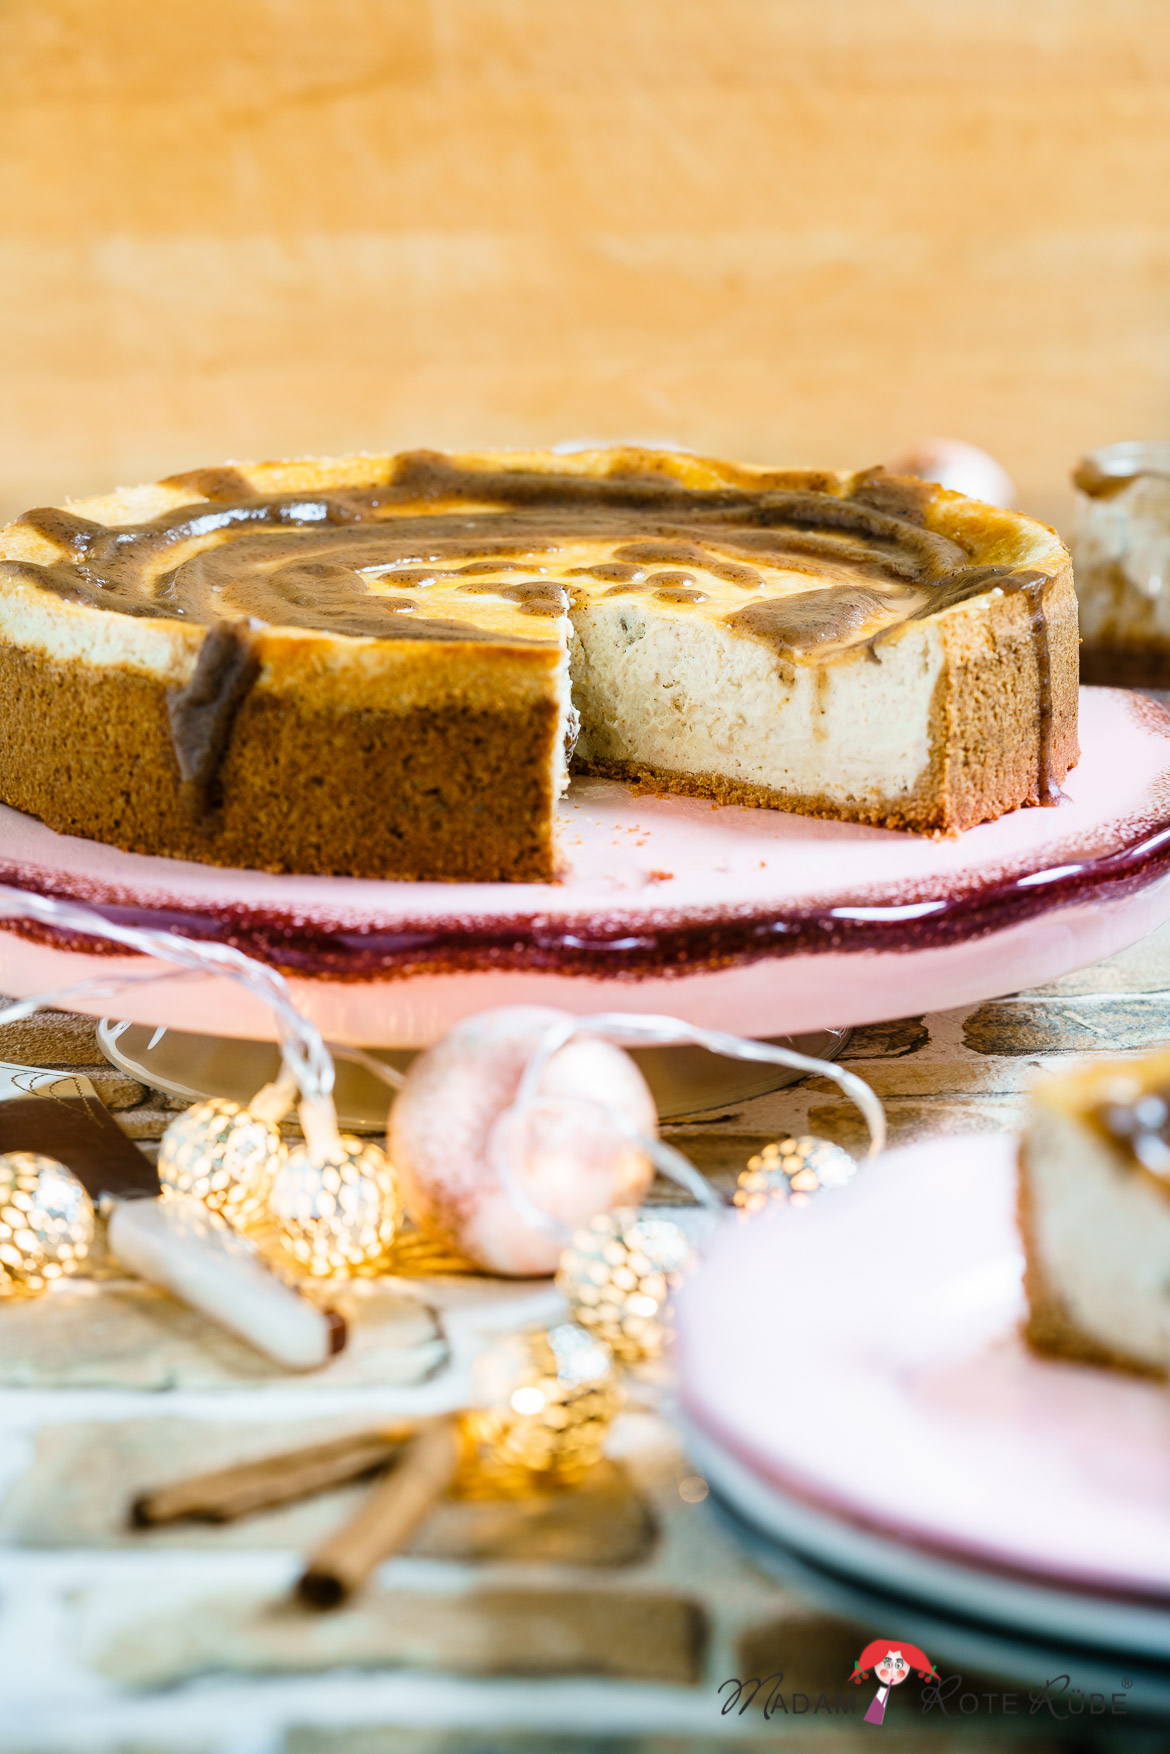 Madam Rote Rübe - Käserahm-Vollkornkuchen mit Dattel-Karamellsoße